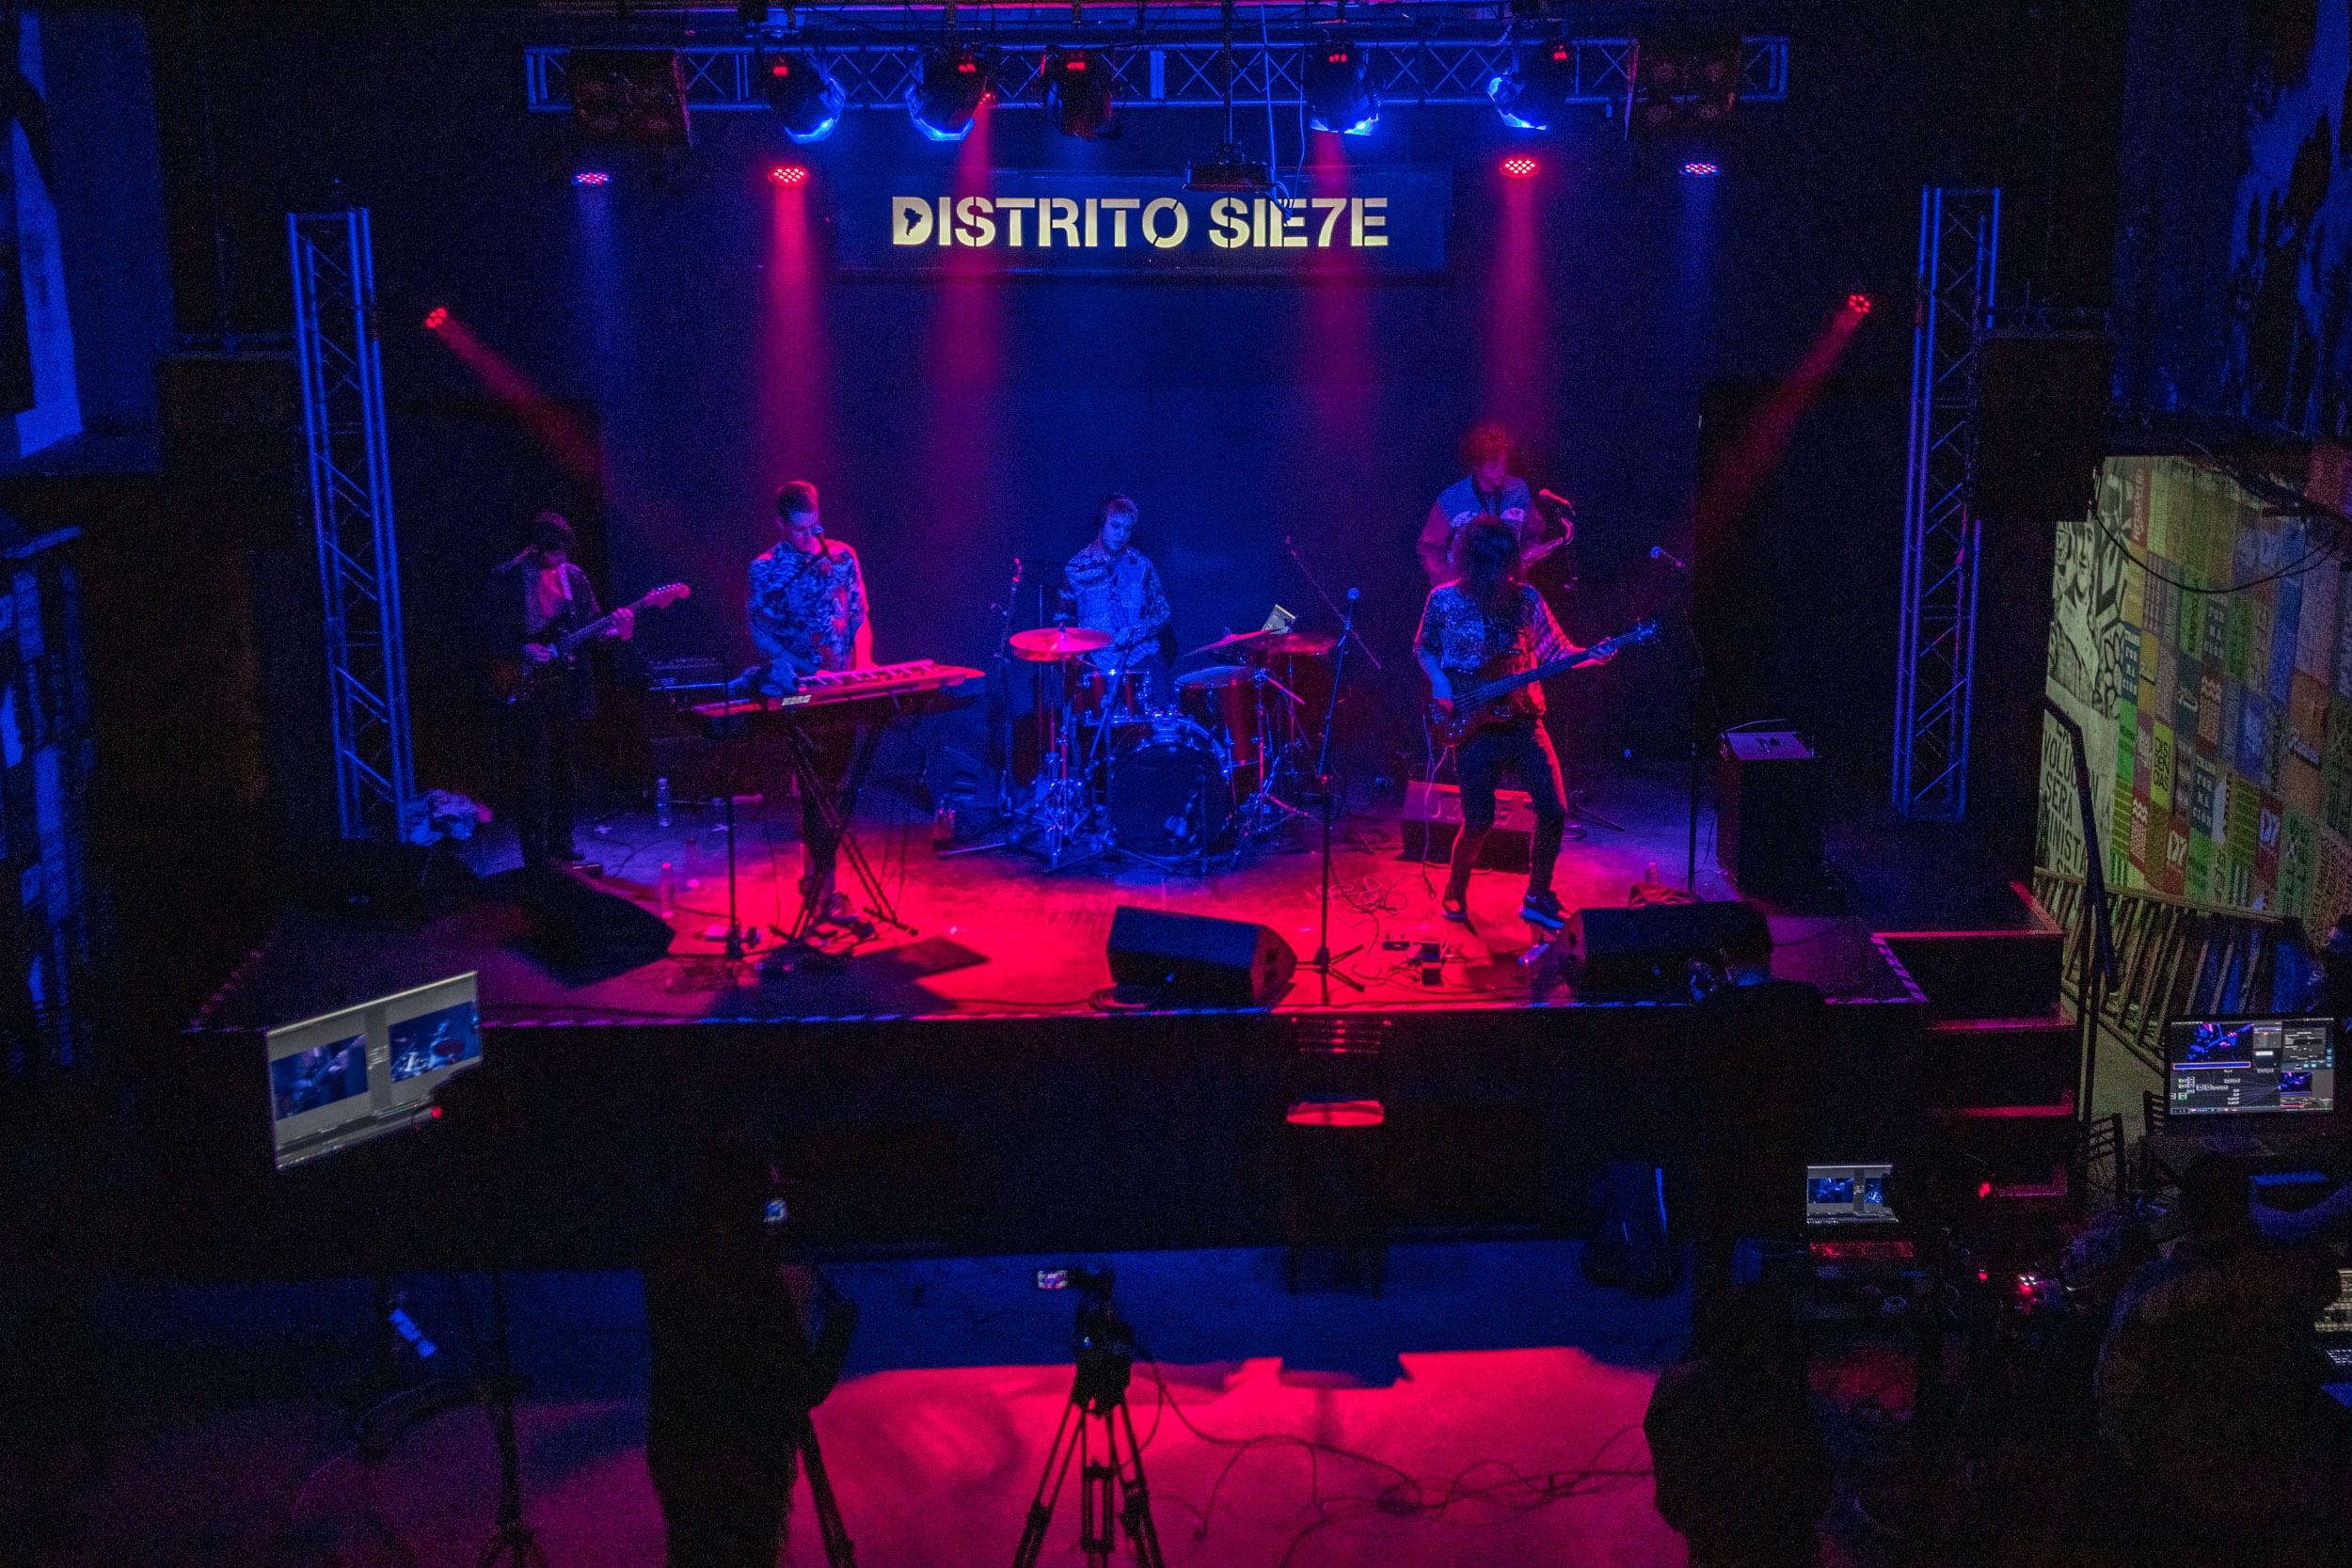 Suave-Lomito-Juan-Lavarello_4590